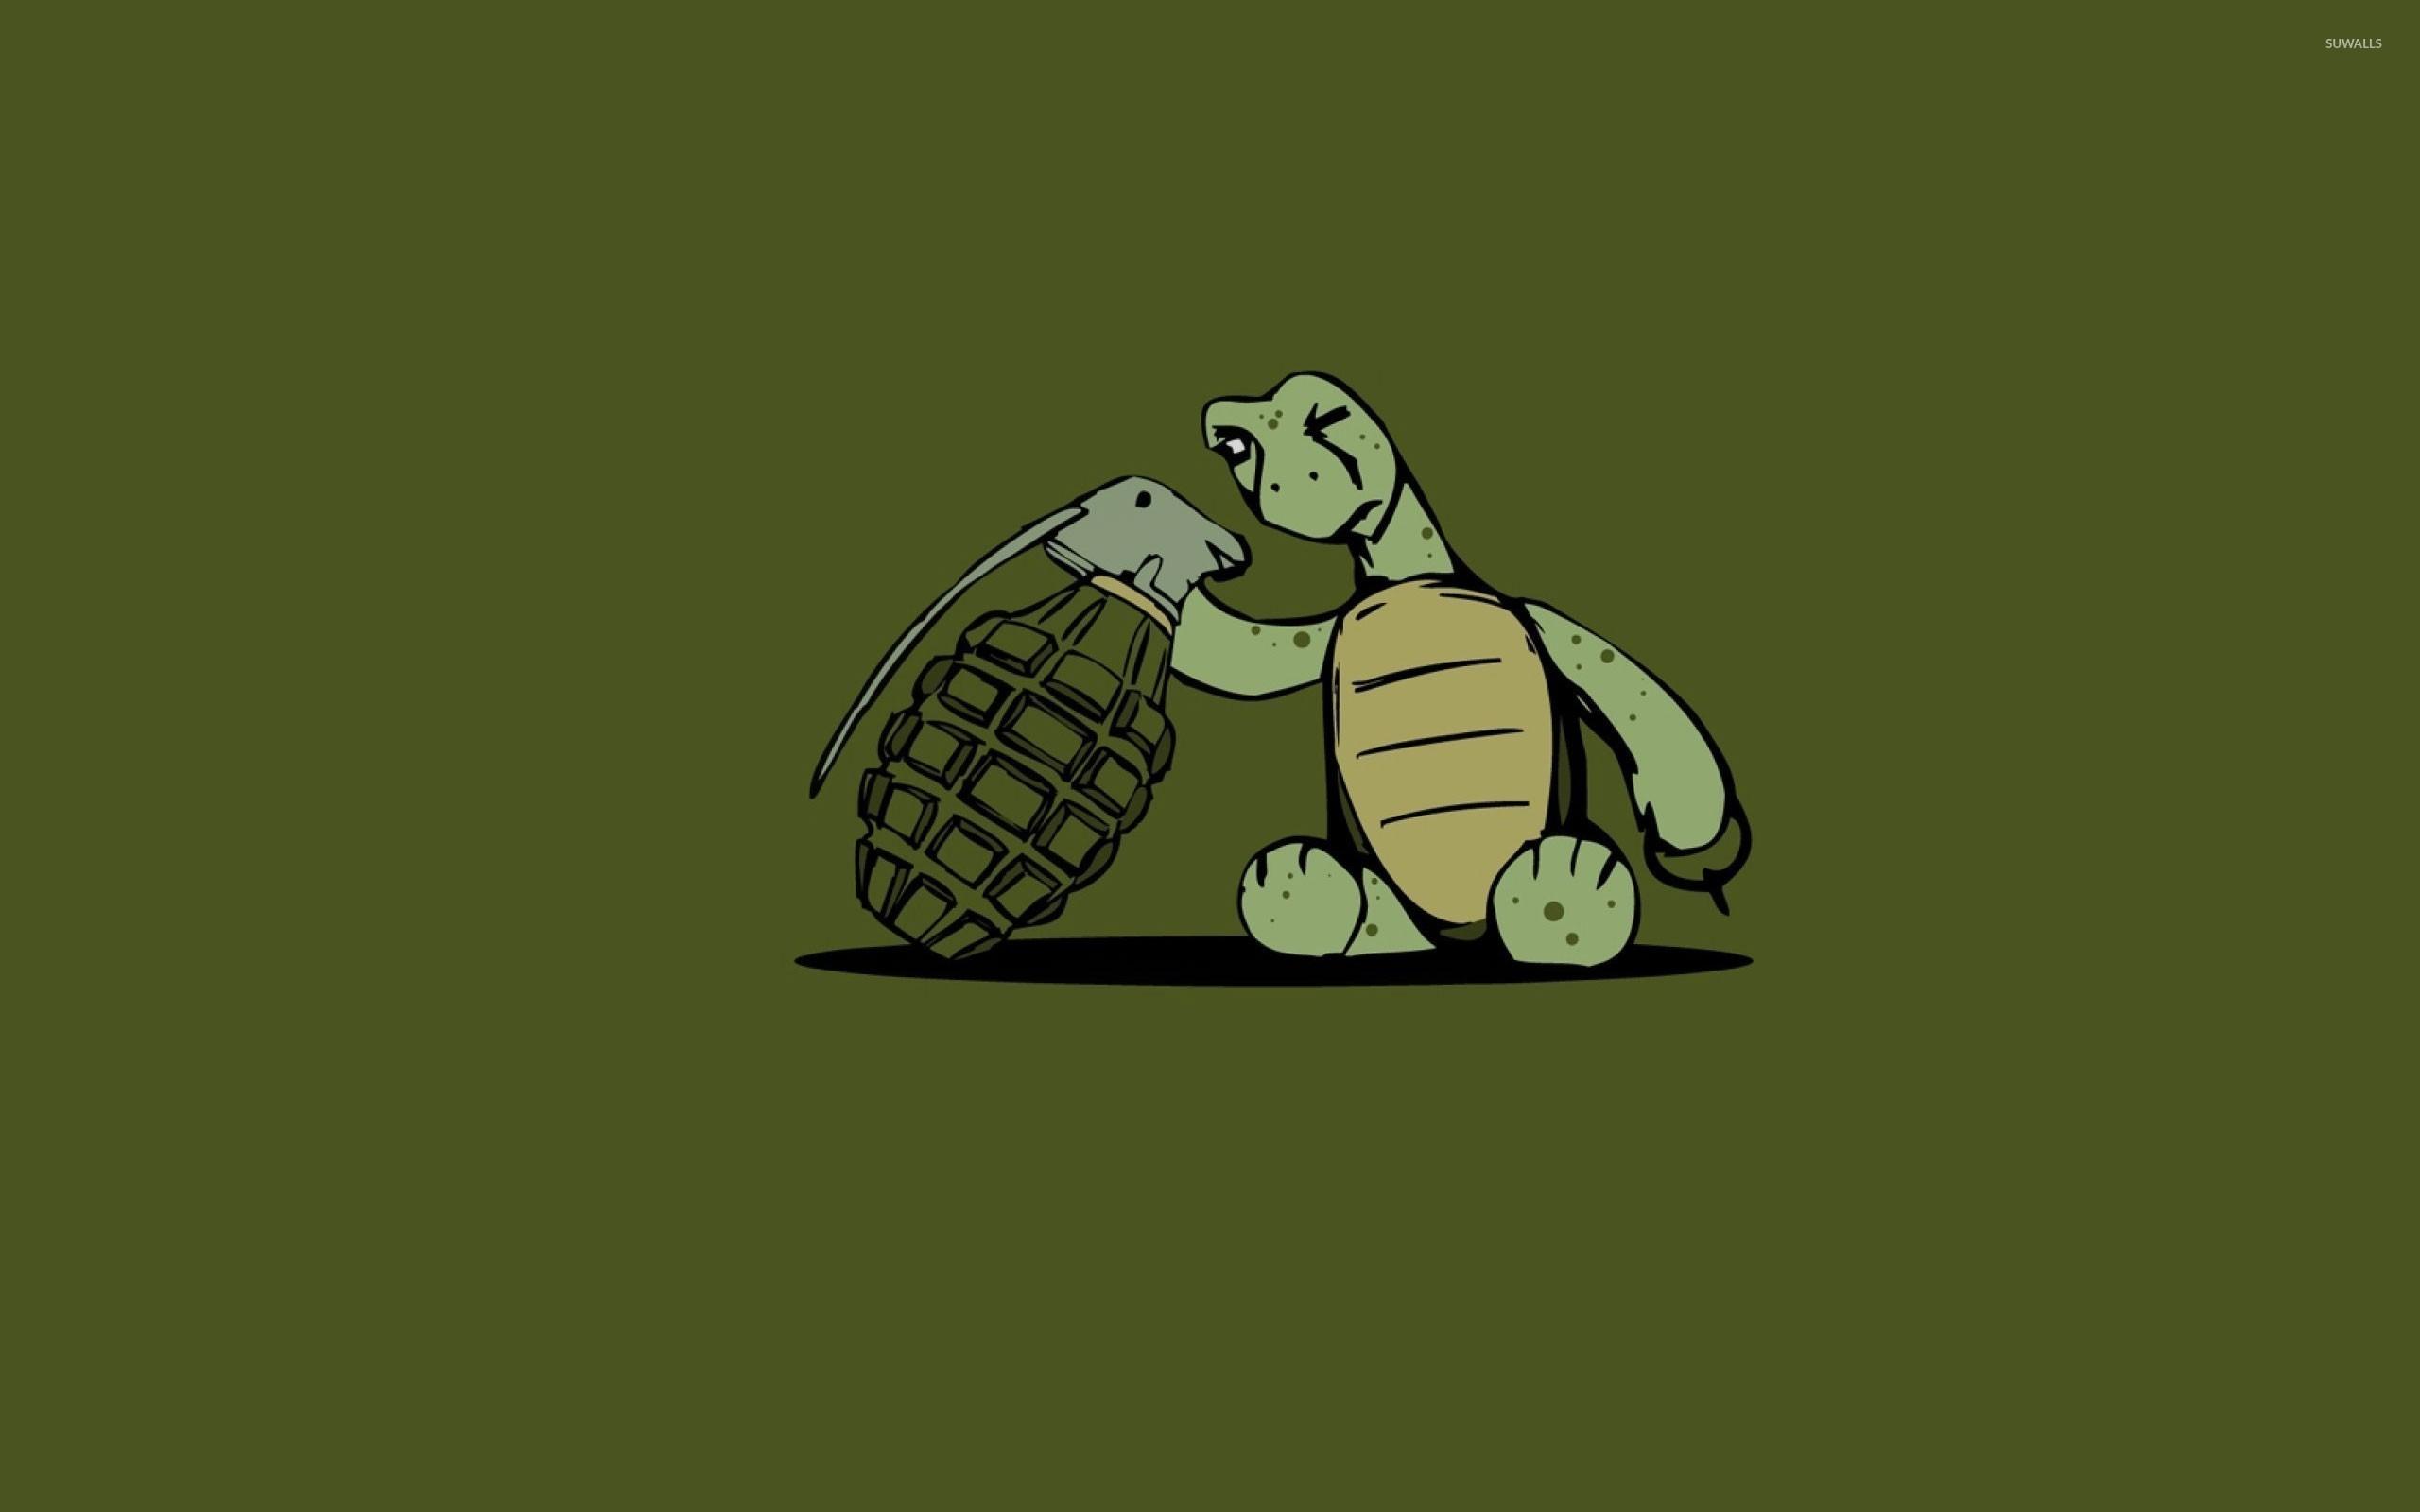 wallpaper funny turtle rain - photo #35